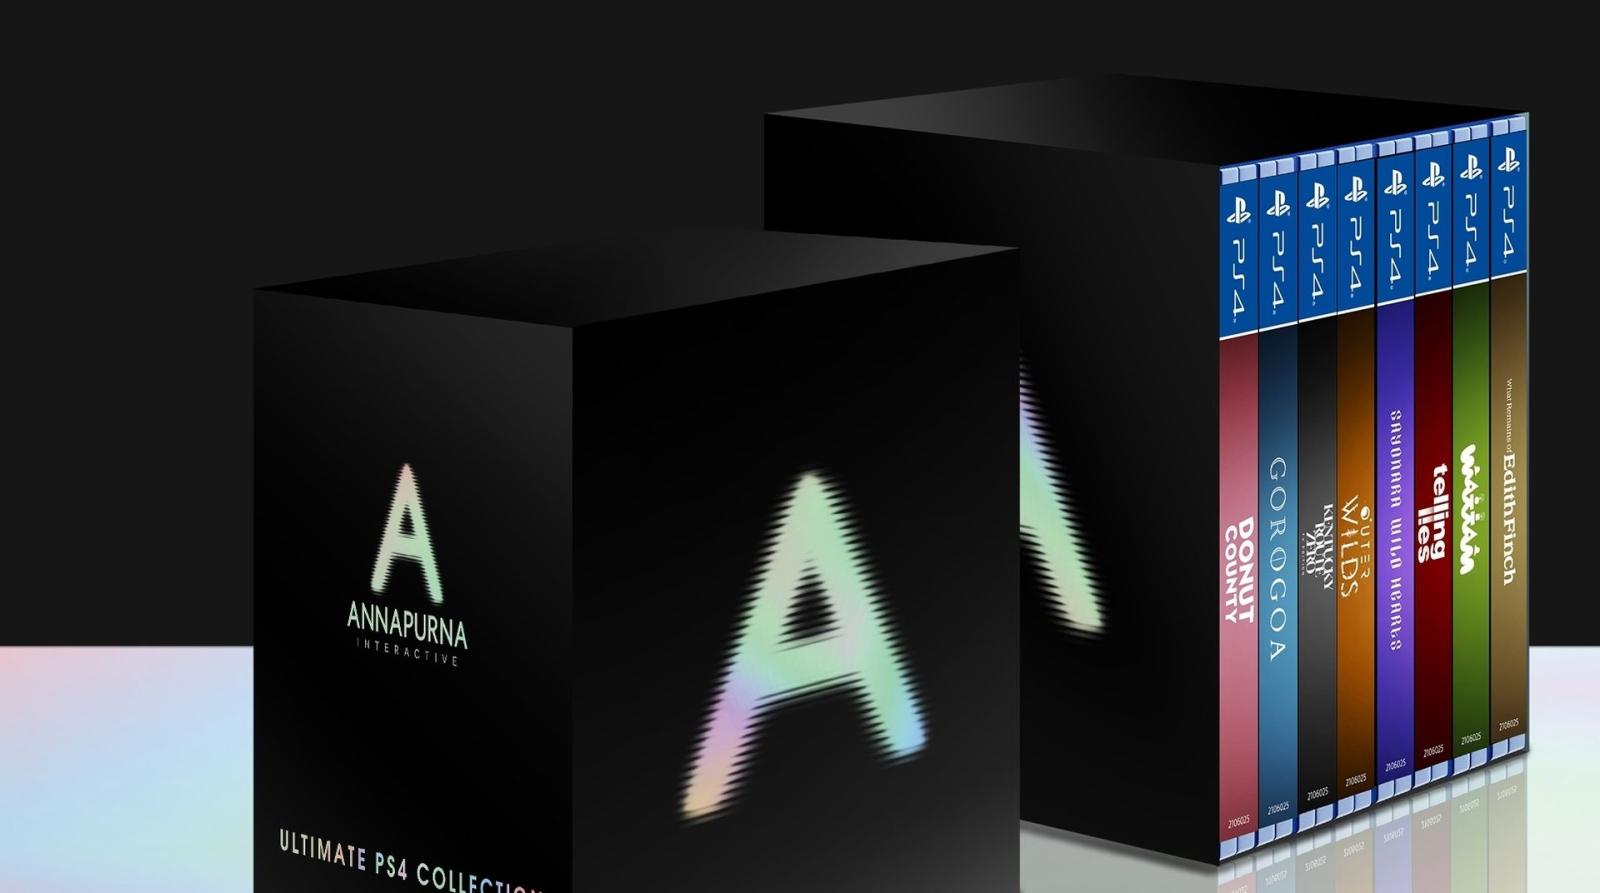 《12分钟》、《终点站》、《奇妙逃亡》确认延期至2021年发售